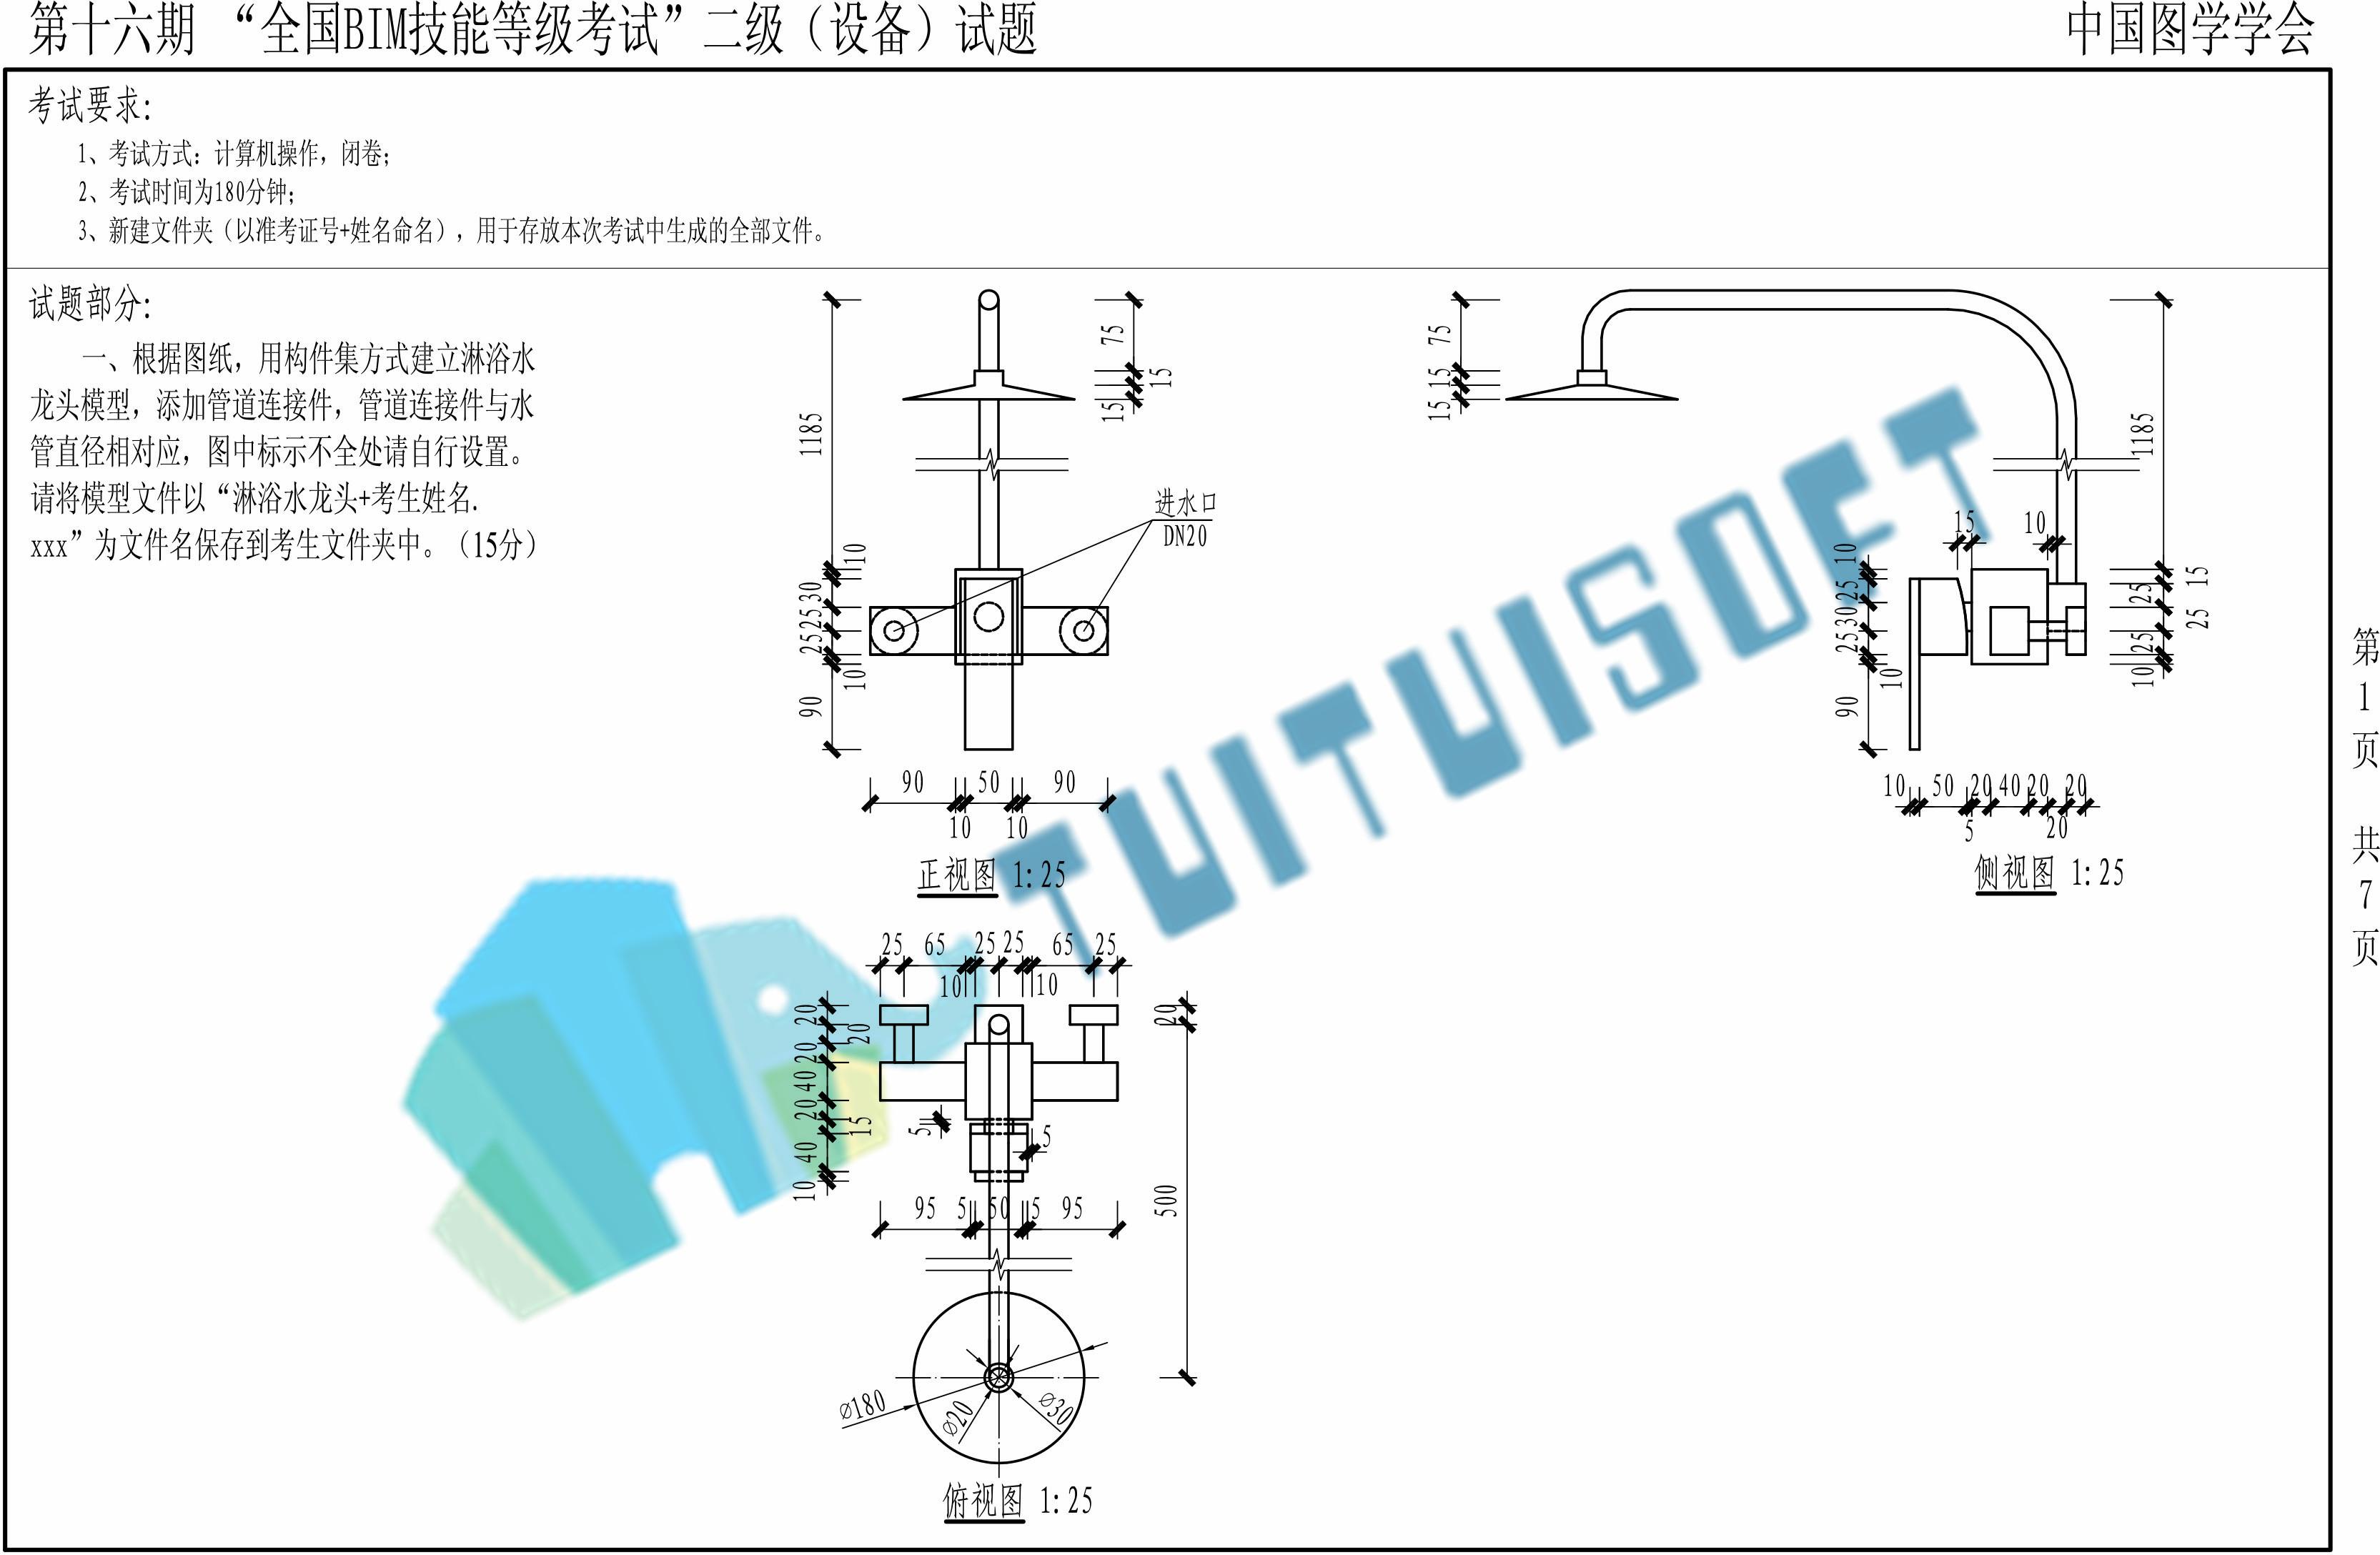 第十六期BIM二级设备-1.jpg